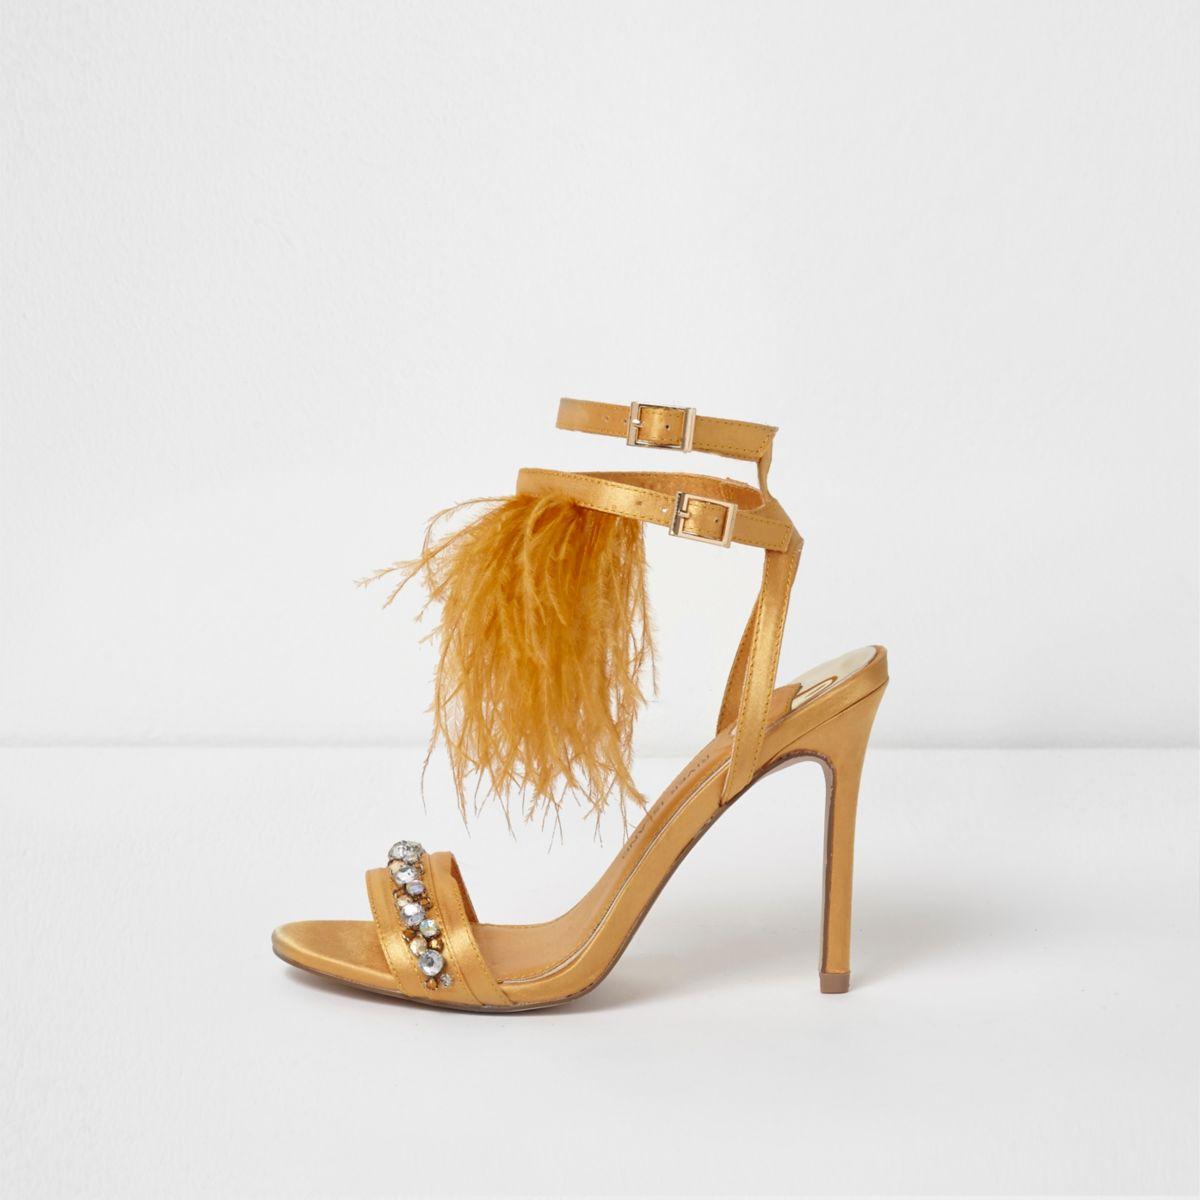 Gele satijnen sandalen met veren, sierstenen en hoge hak